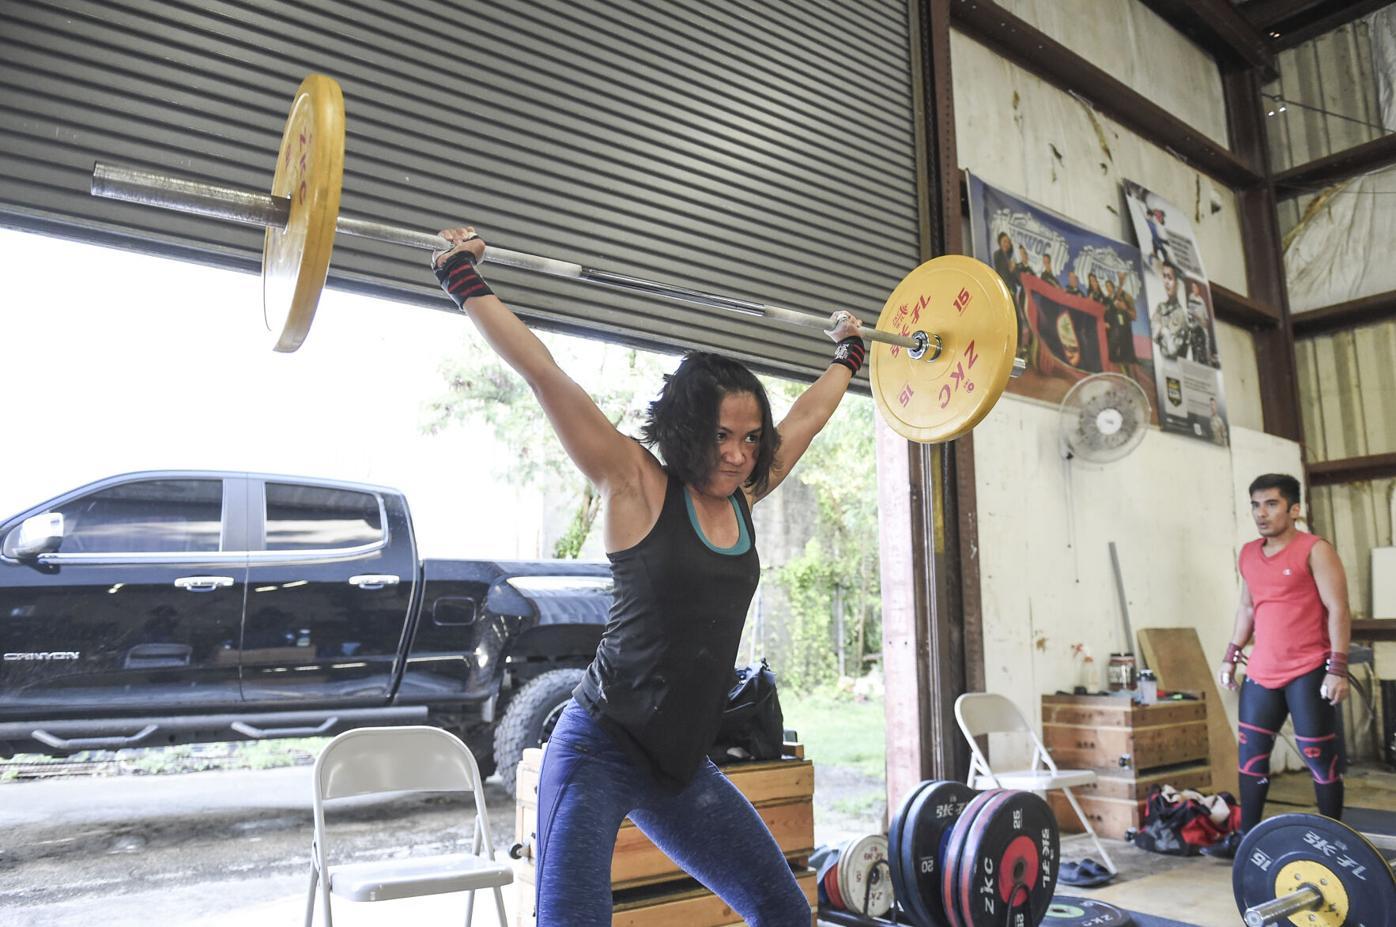 weightlifting 01.jpg